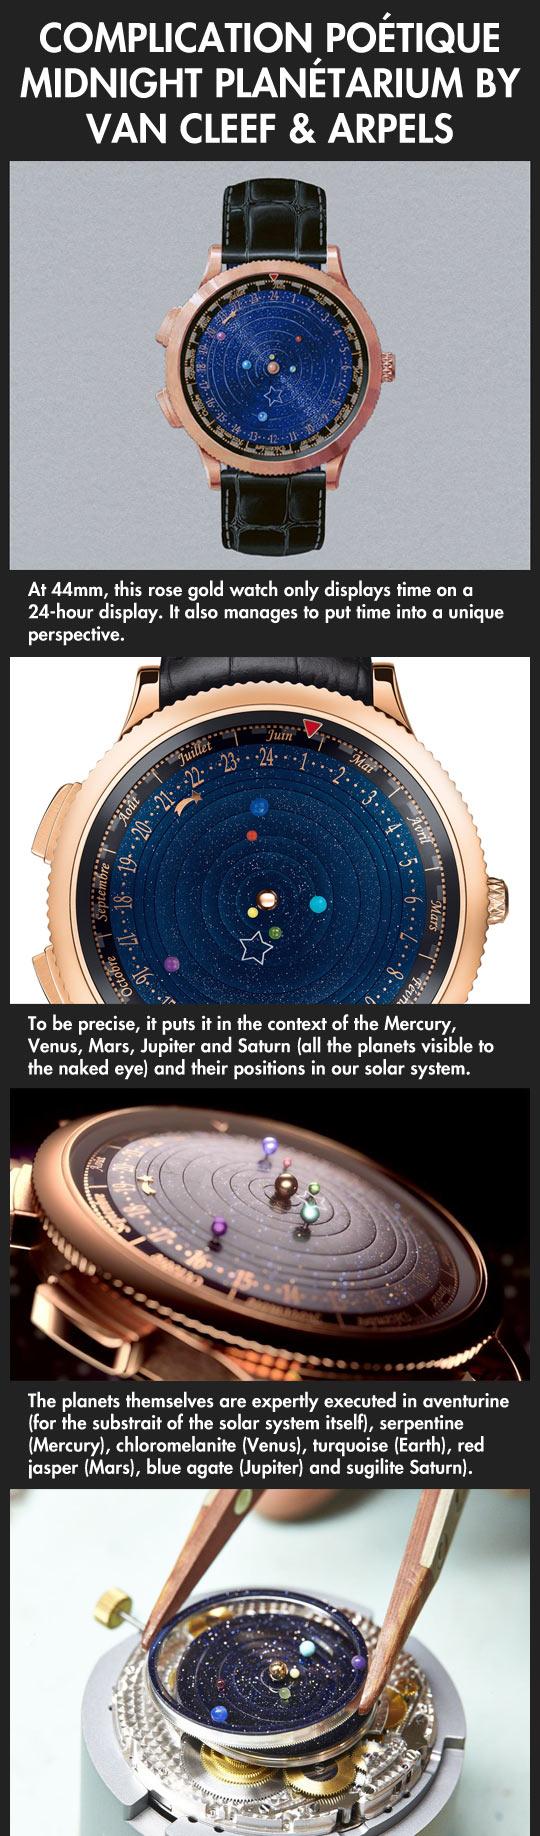 funny-clock-midnight-planetarium-design